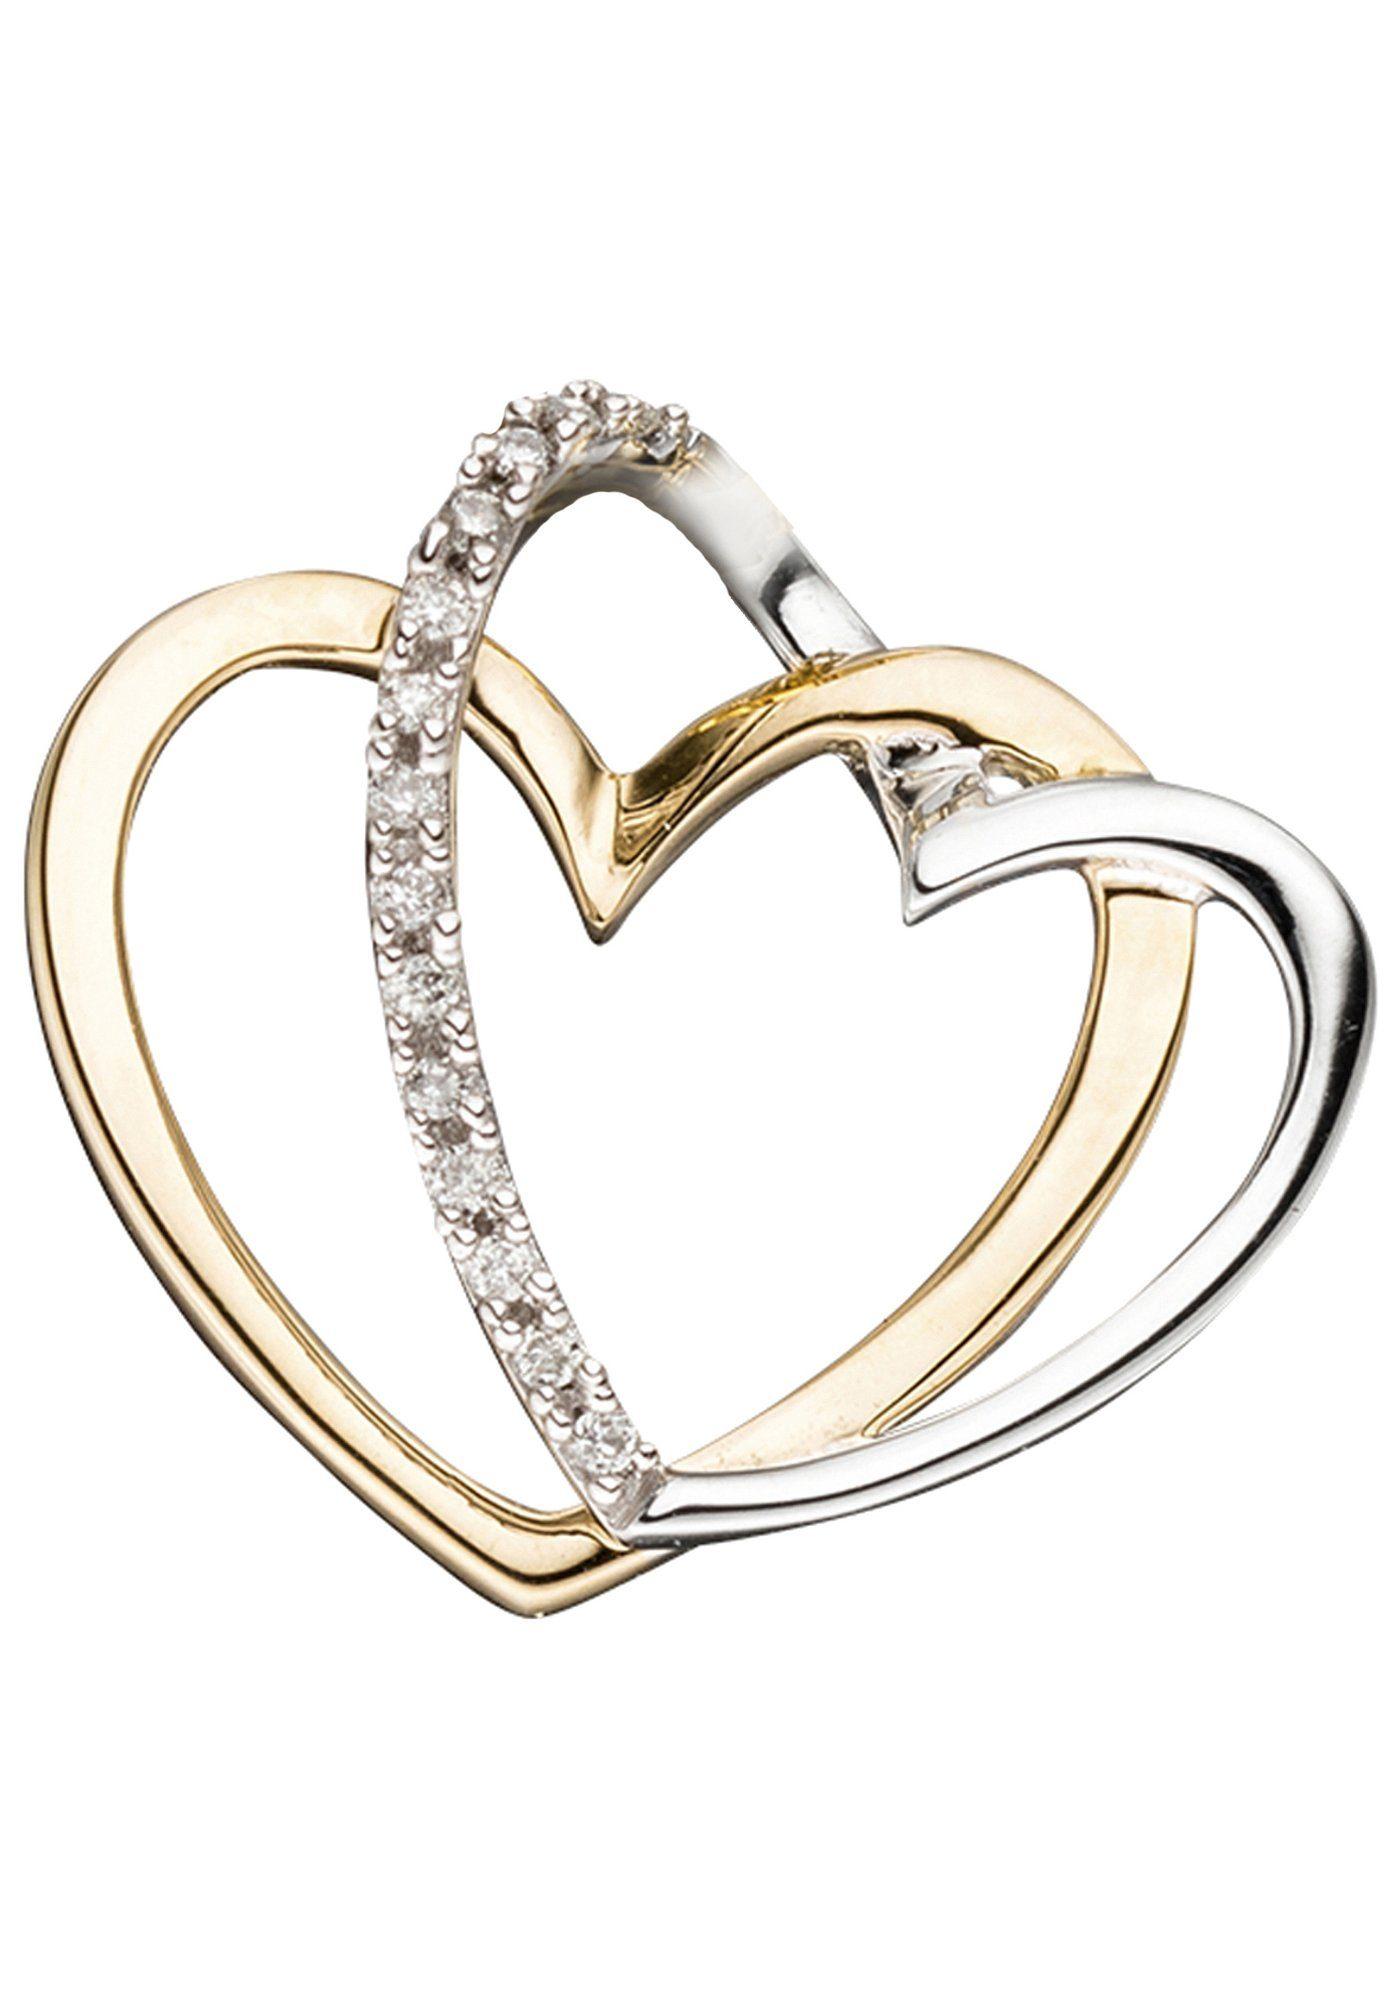 JOBO Herzanhänger, 585 Gold bicolor mit 14 Diamanten